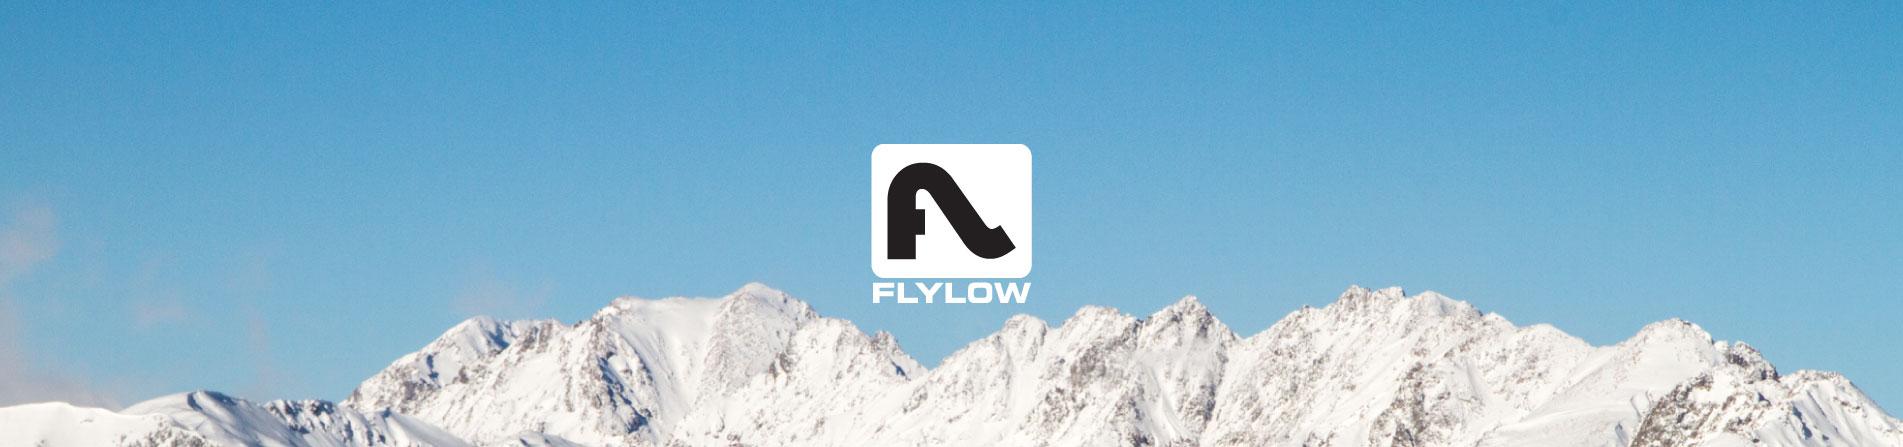 flylow-brand-banner-v1r0.jpg